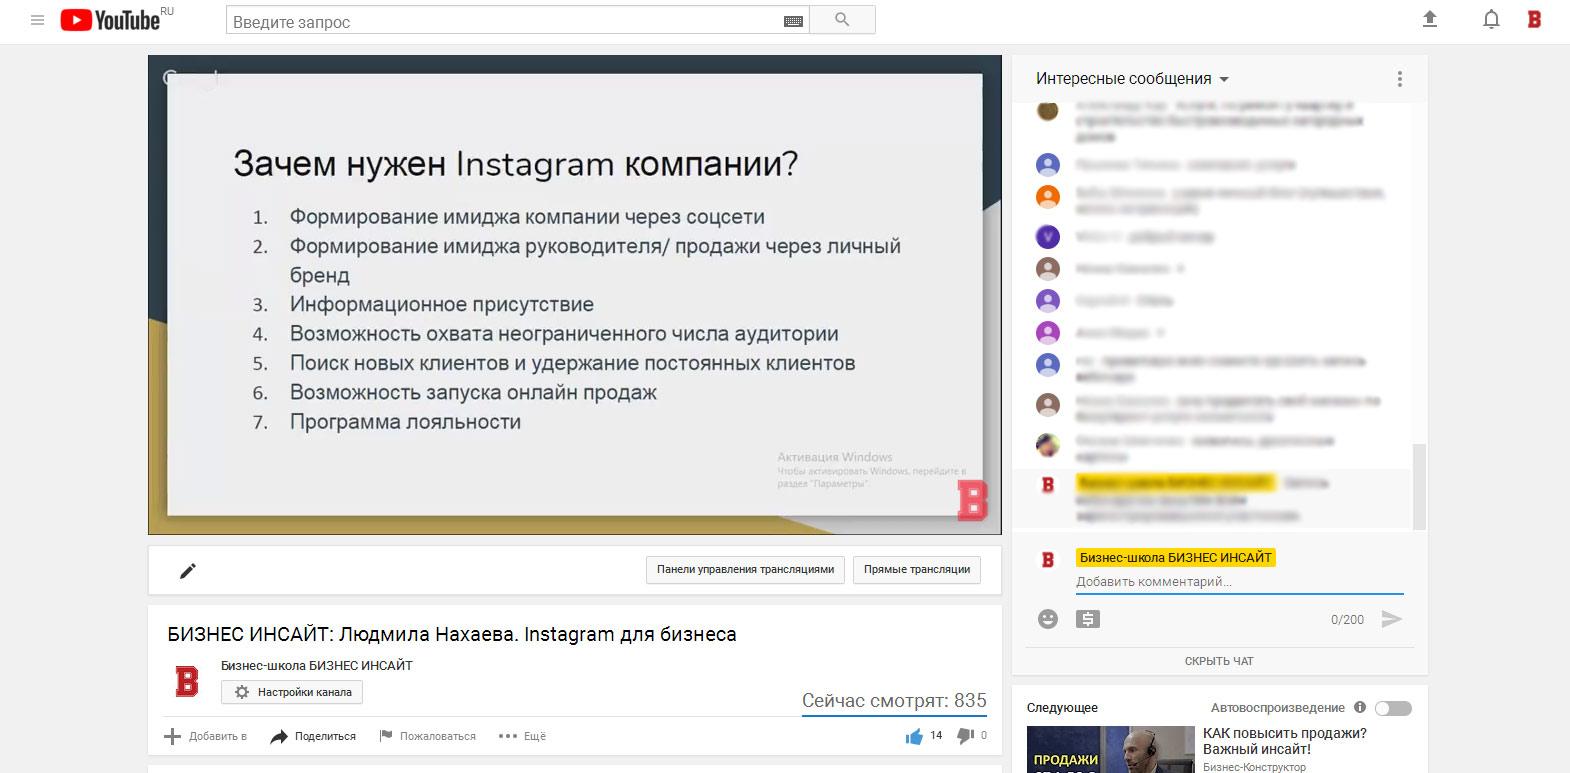 Людмила Нахаева провела открытый (бесплатный) вебинар на площадке БИЗНЕС ИНСАЙТ